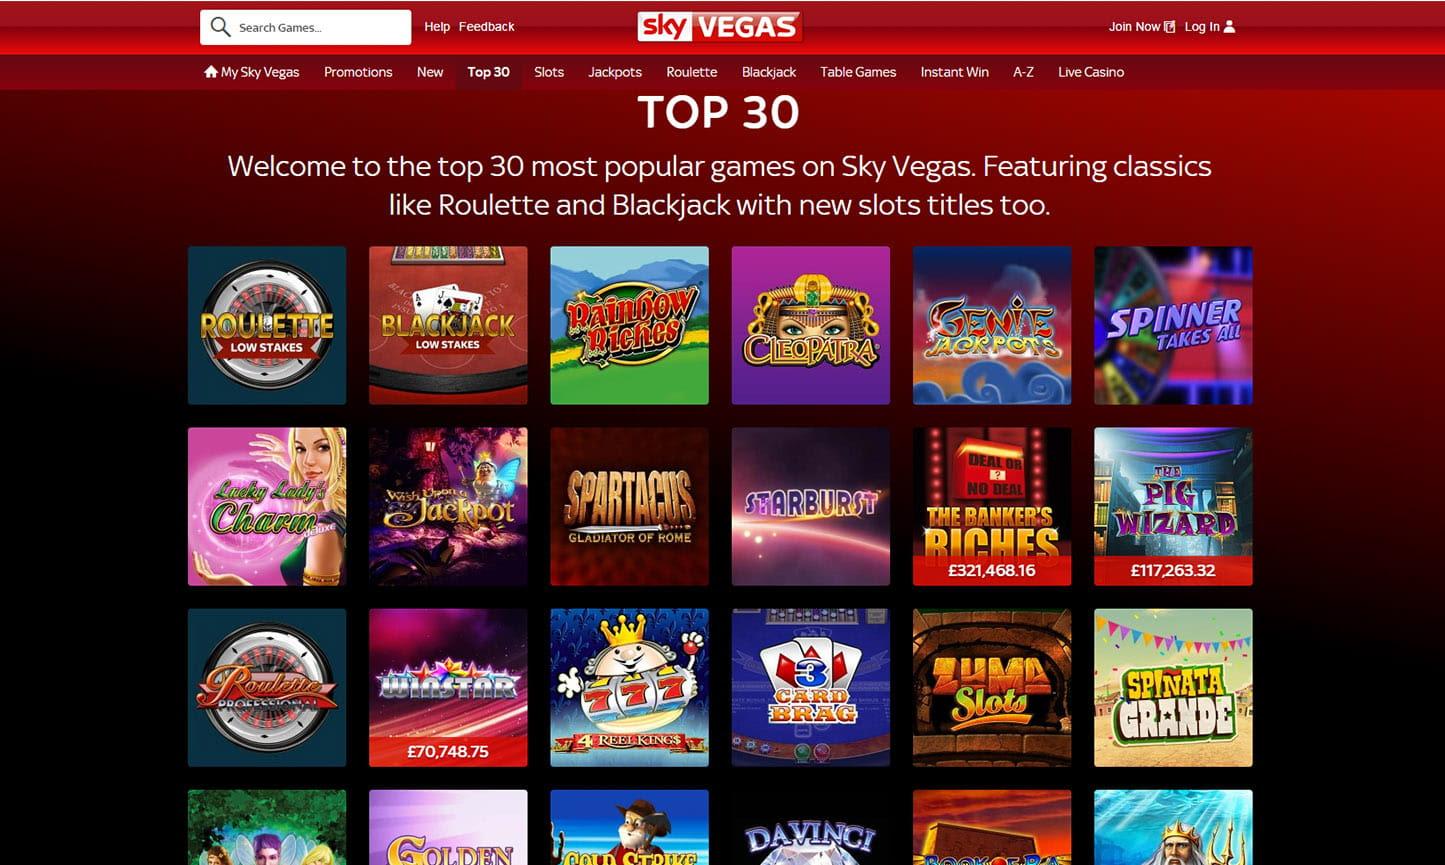 Sky vegas, sky casino and sky bet Hanoi online gambling table games